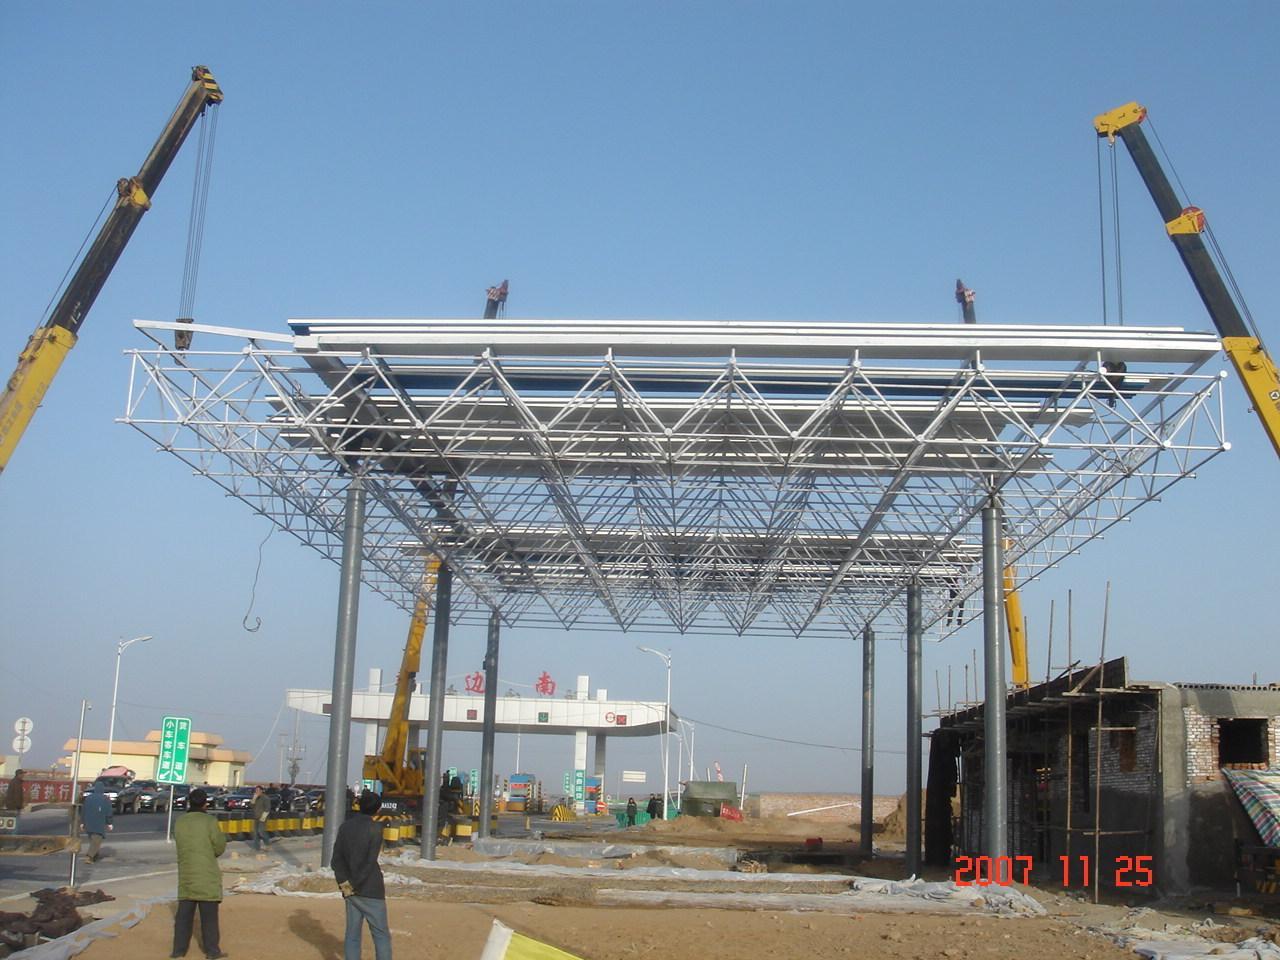 商易宝 产品列表 建筑材料 金属材料 金属结构 金属网架